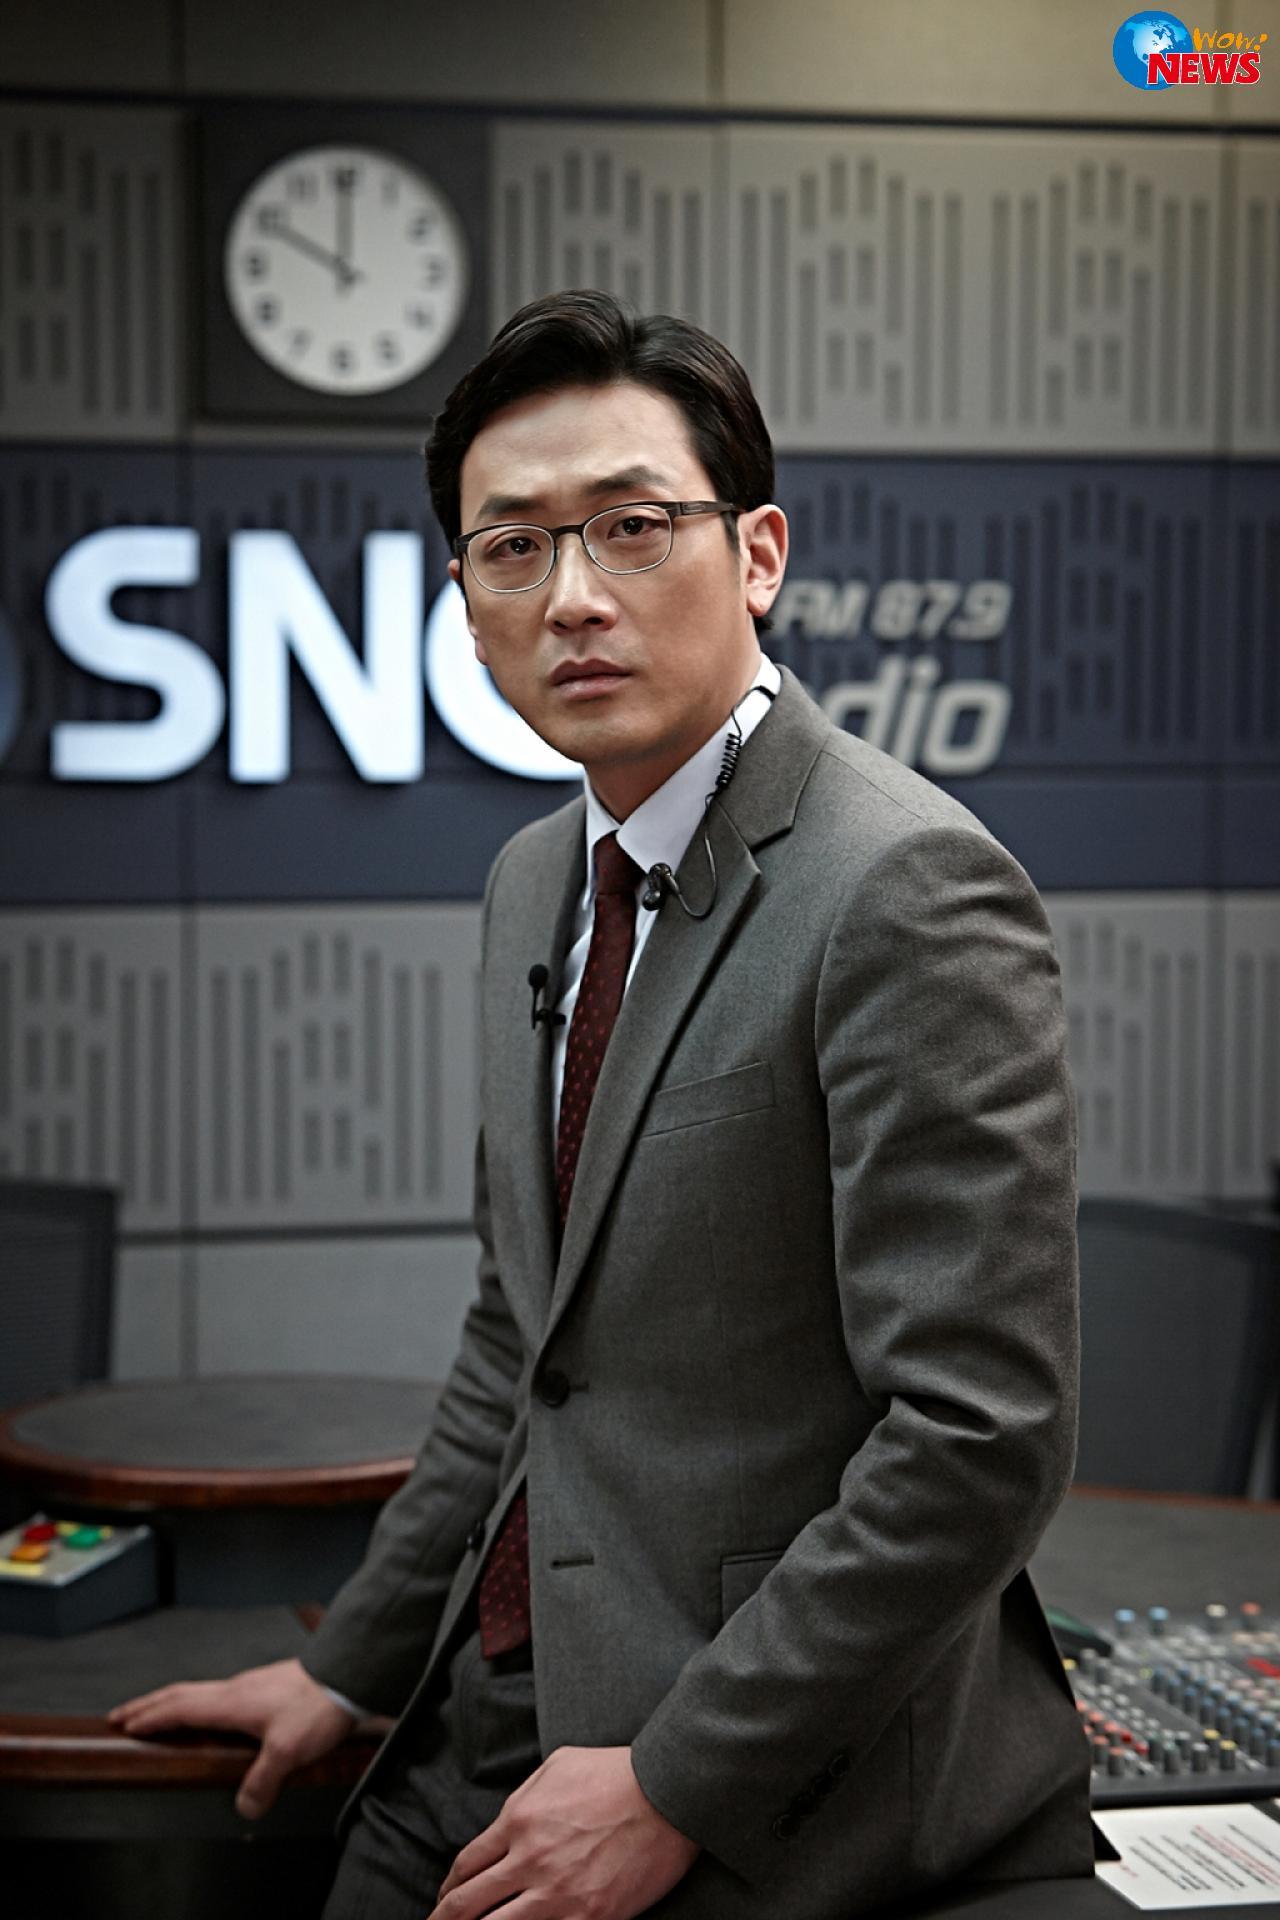 韩国男演员河文佳英正宇出售首尔房产三年获利45亿韩元